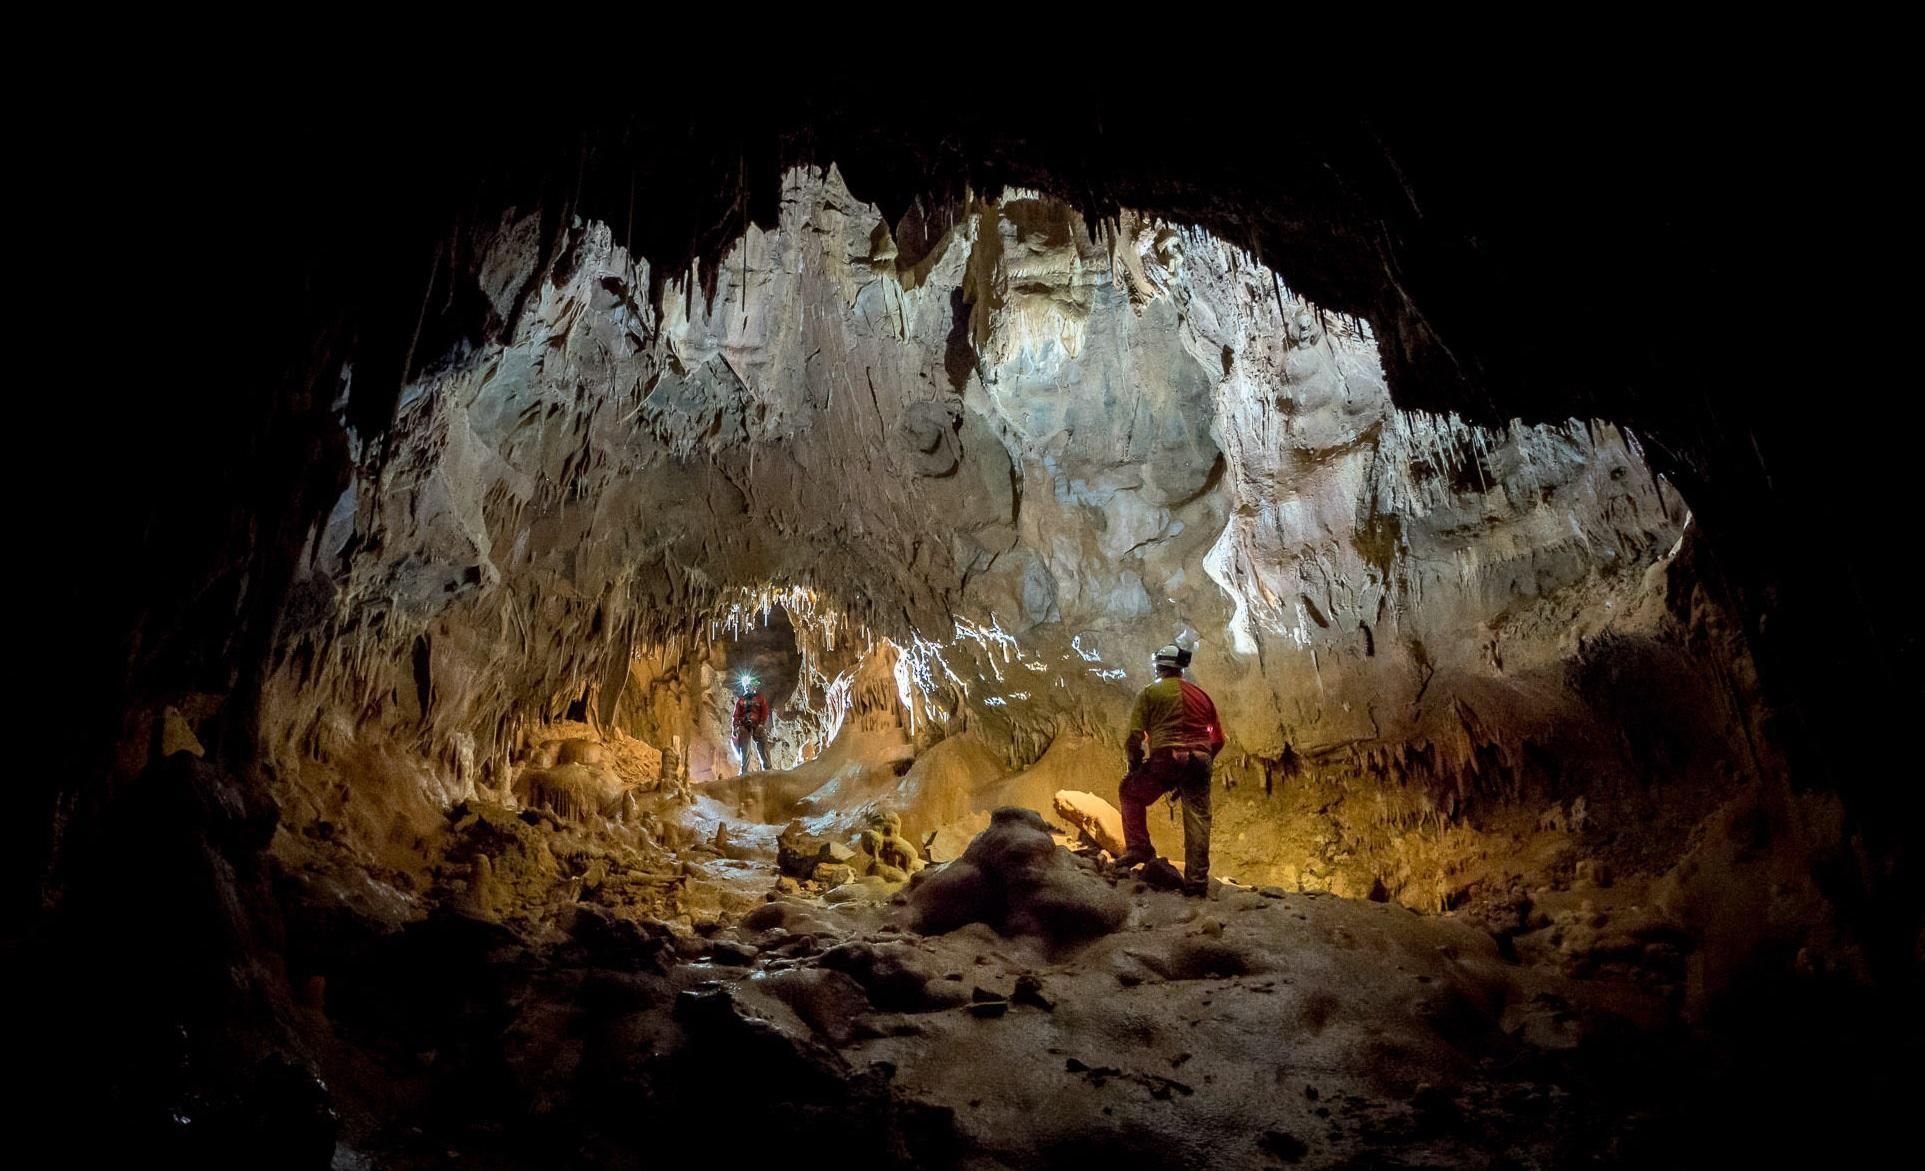 I 2019 fant CAVES sted i huler i Slovenia. Foto: ESA/A. Romeo